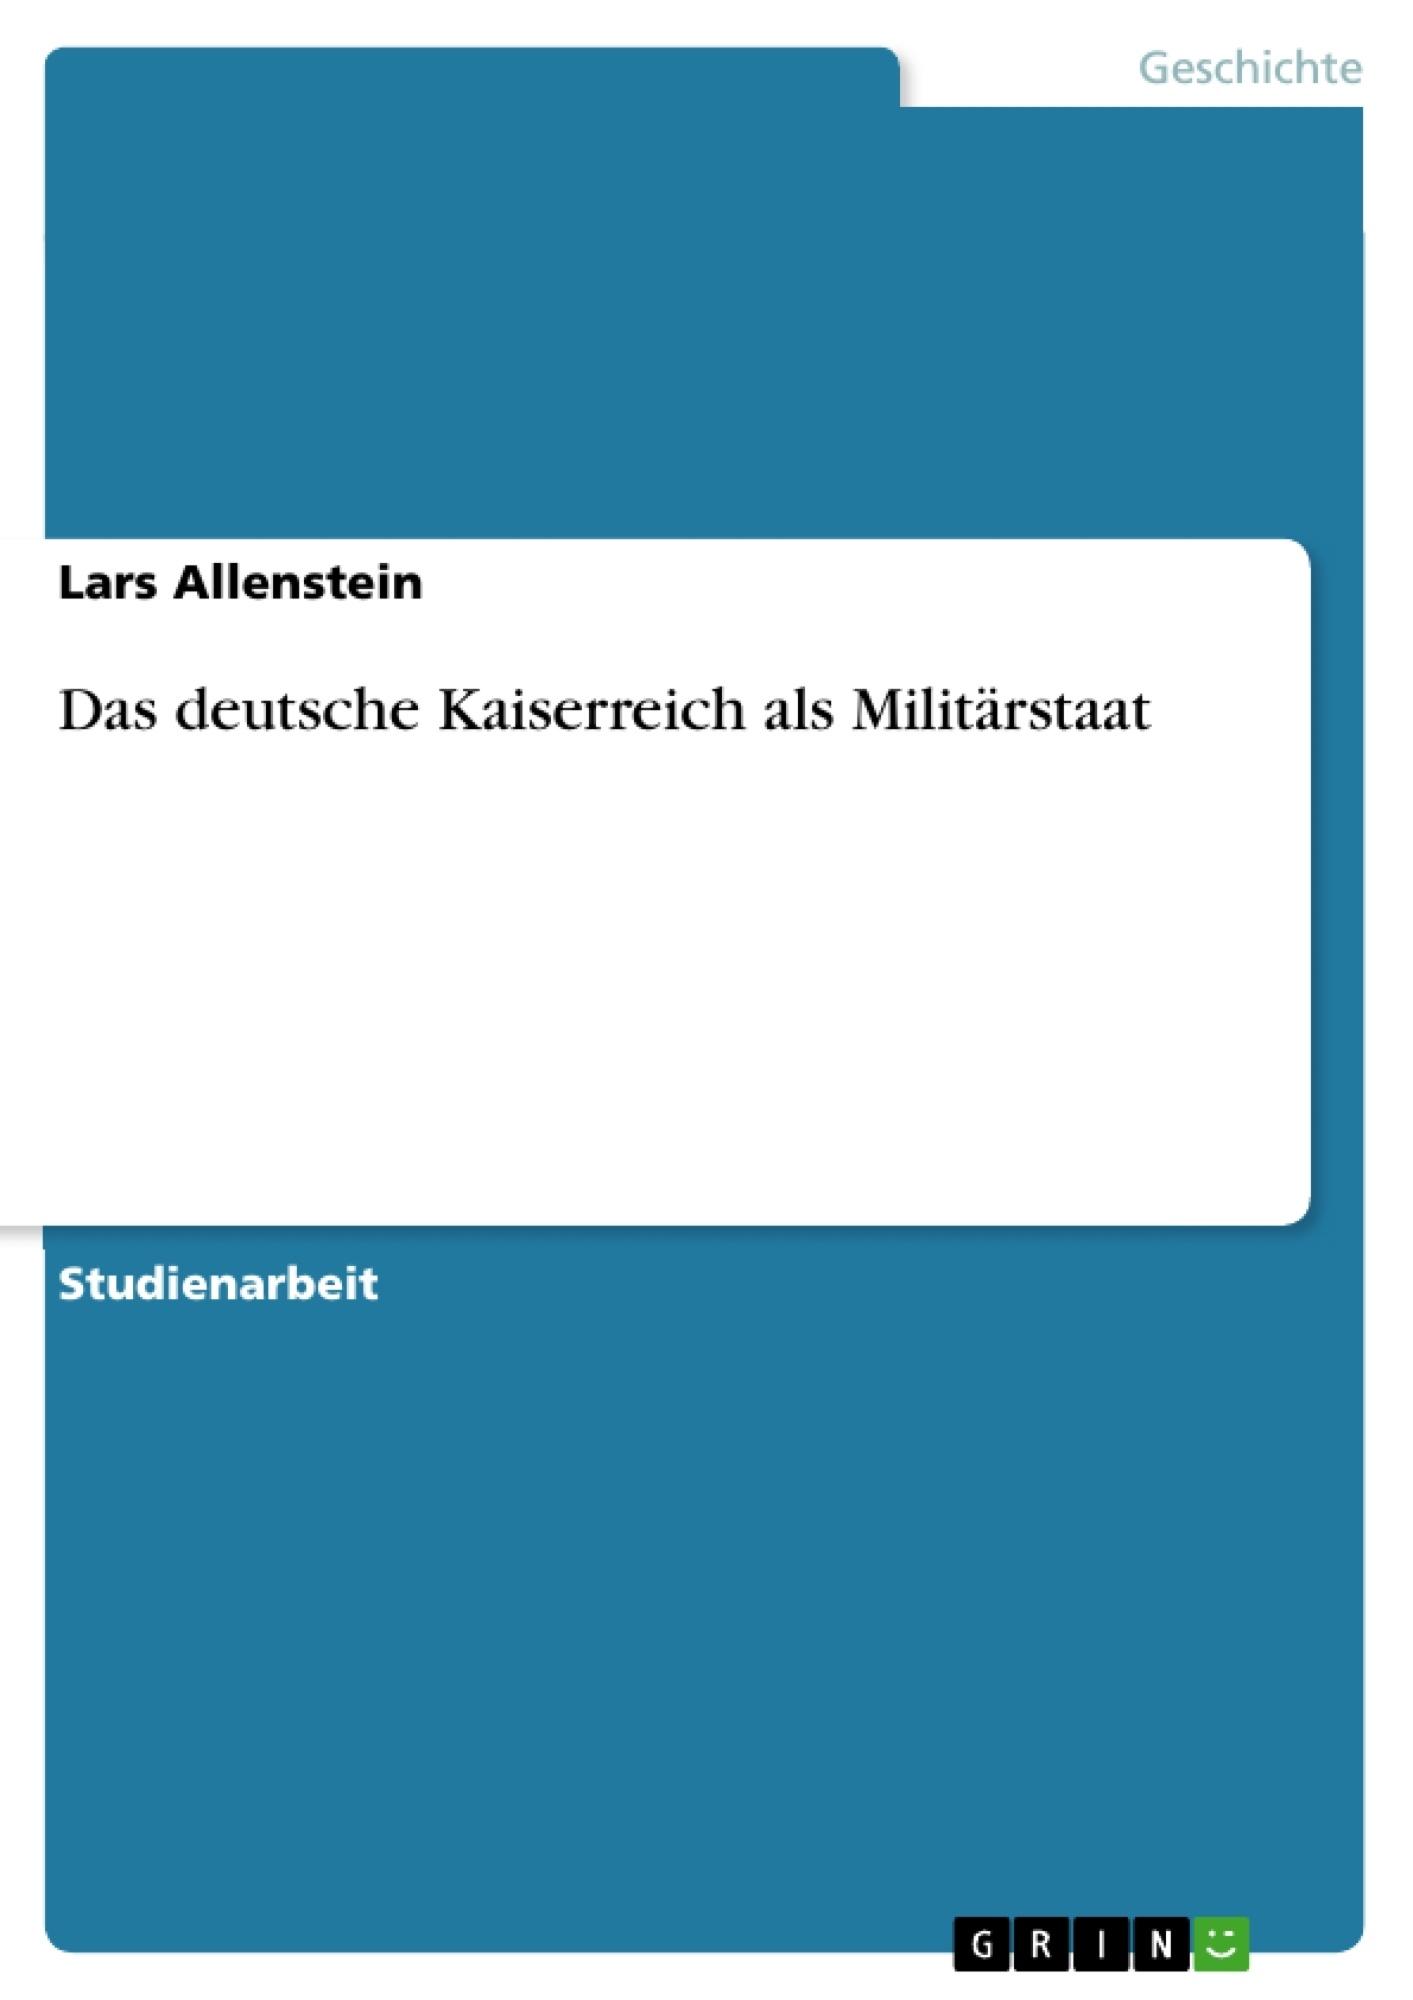 Titel: Das deutsche Kaiserreich als Militärstaat